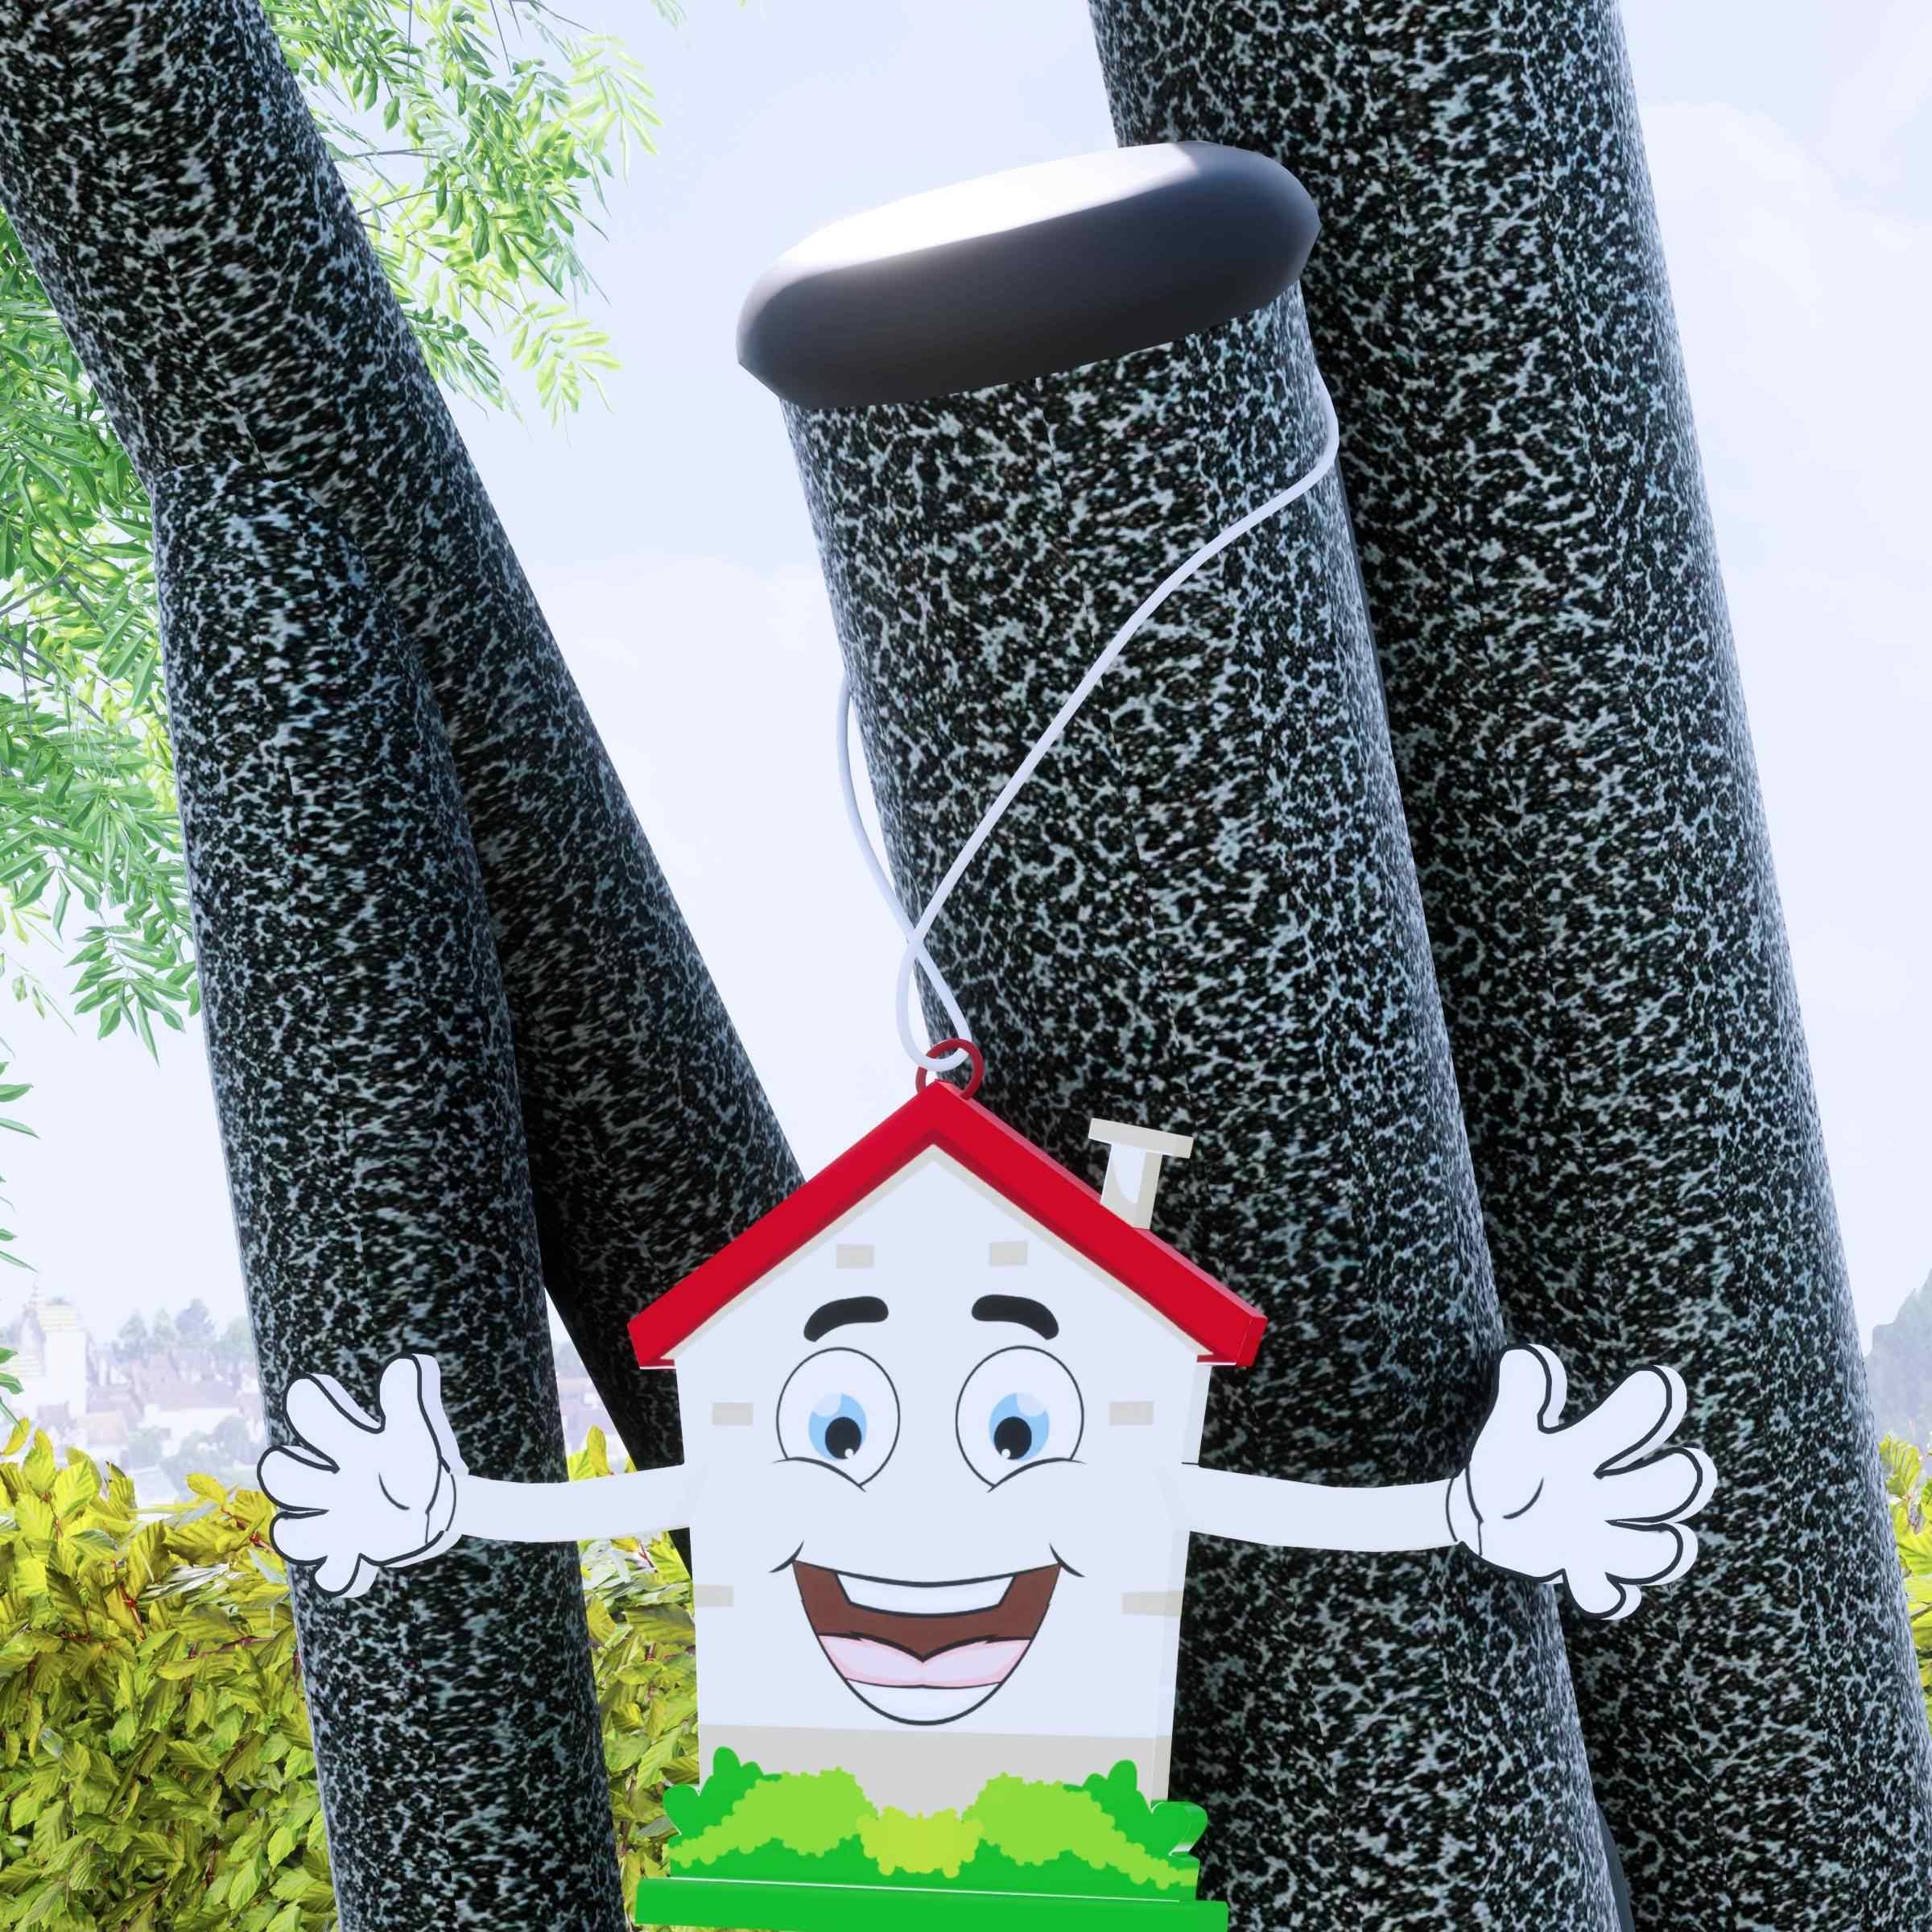 Yekta Yeşil Çizgili 3 Kişilik Bahçe Salıncağı Teras Balkon Salıncak 200 cm